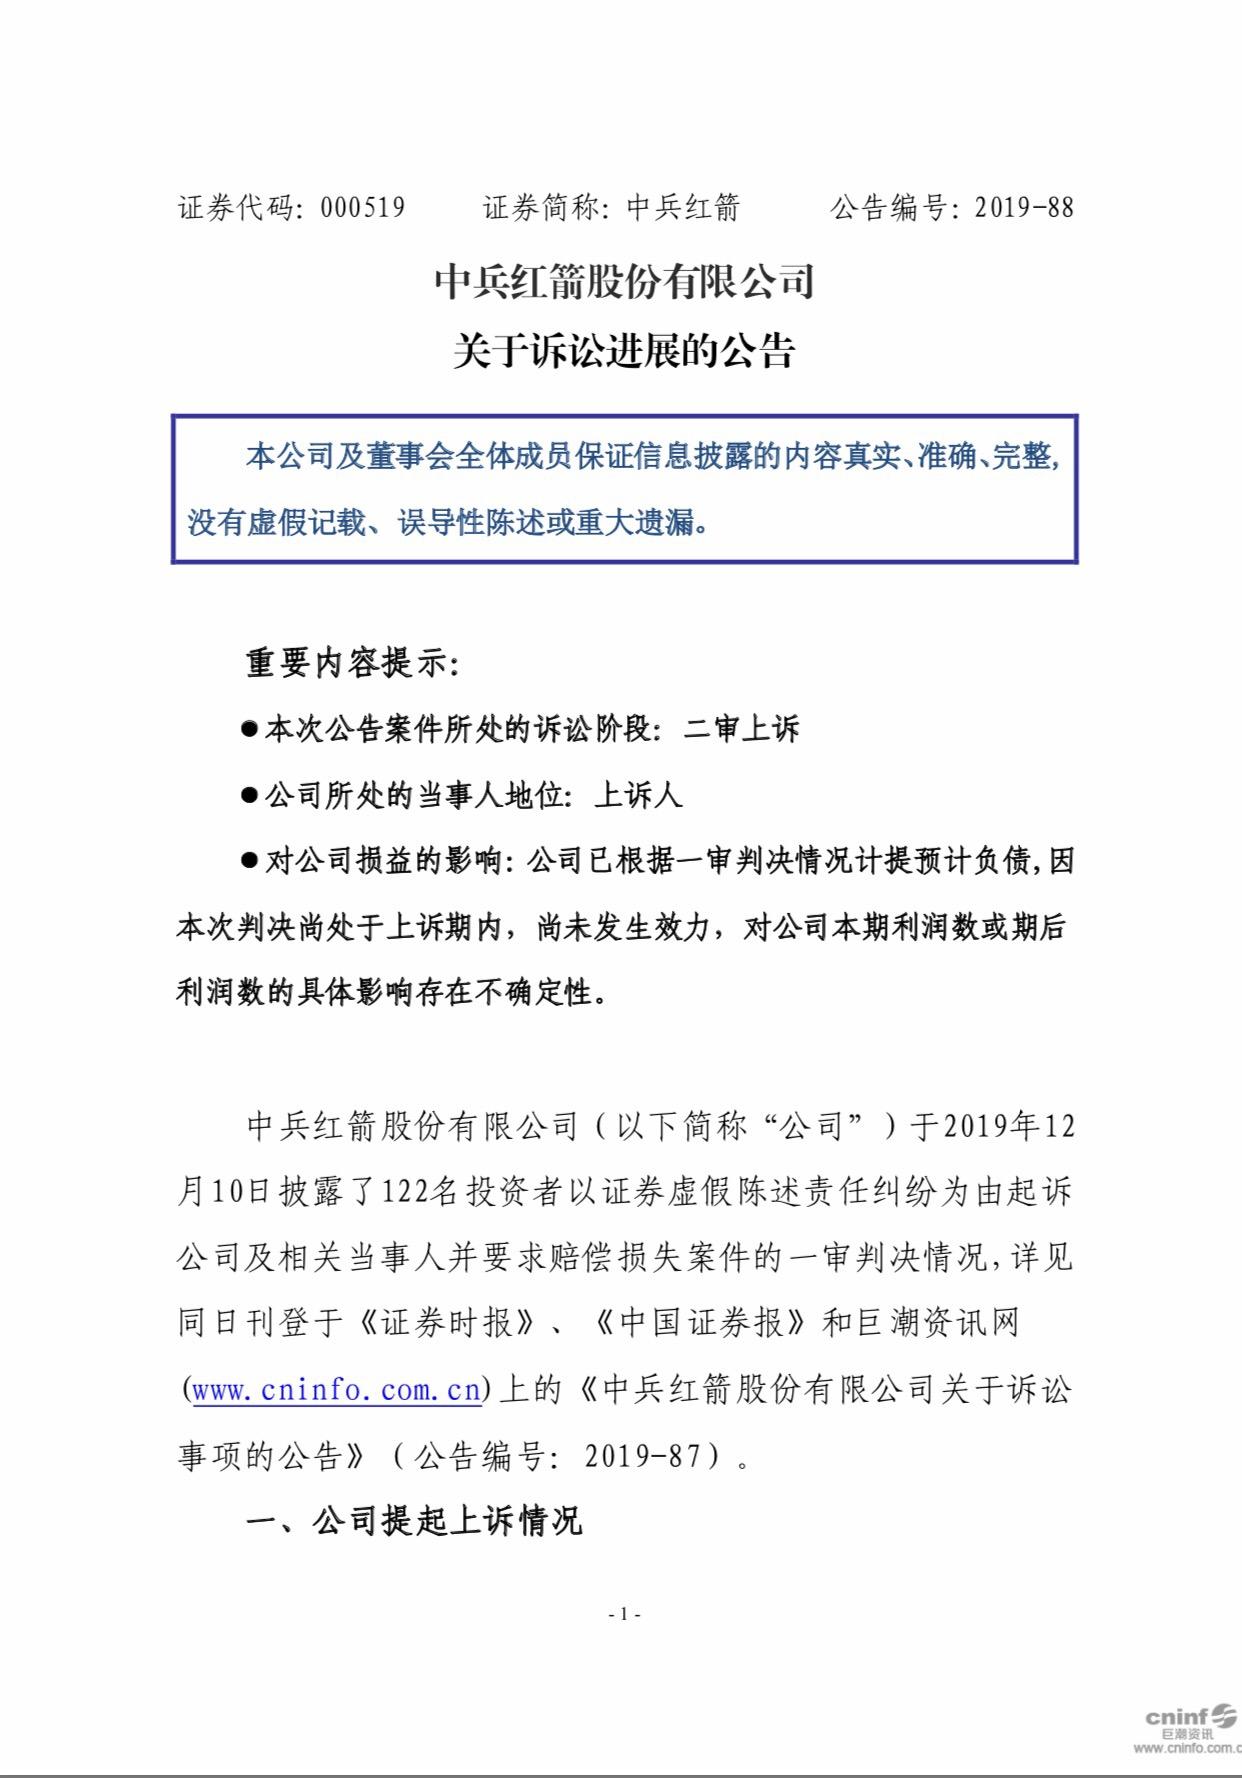 中兵红箭诉讼进展公告20191224